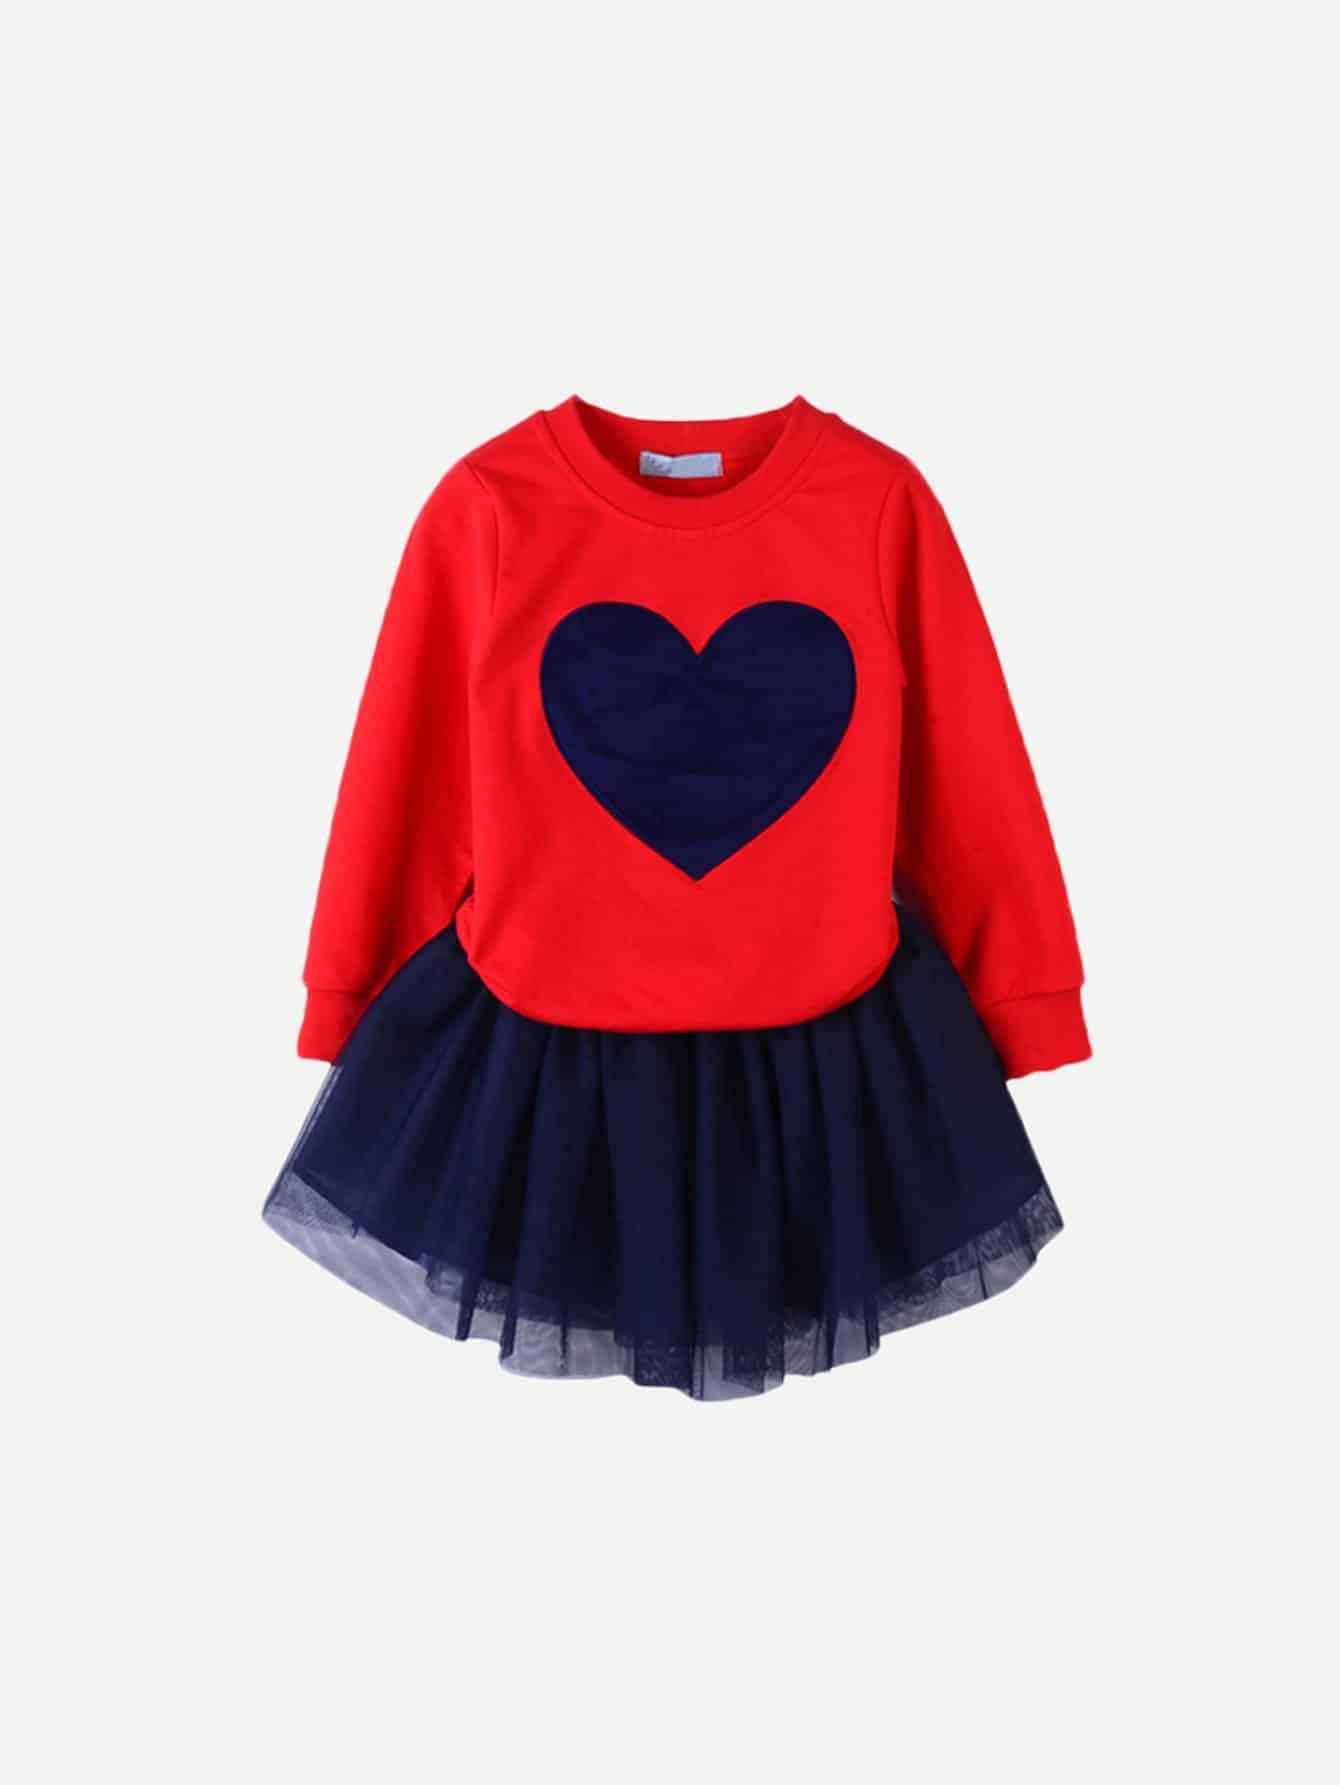 Купить Футболка с принтом сердцей и сетчатая юбка для девочек, null, SheIn